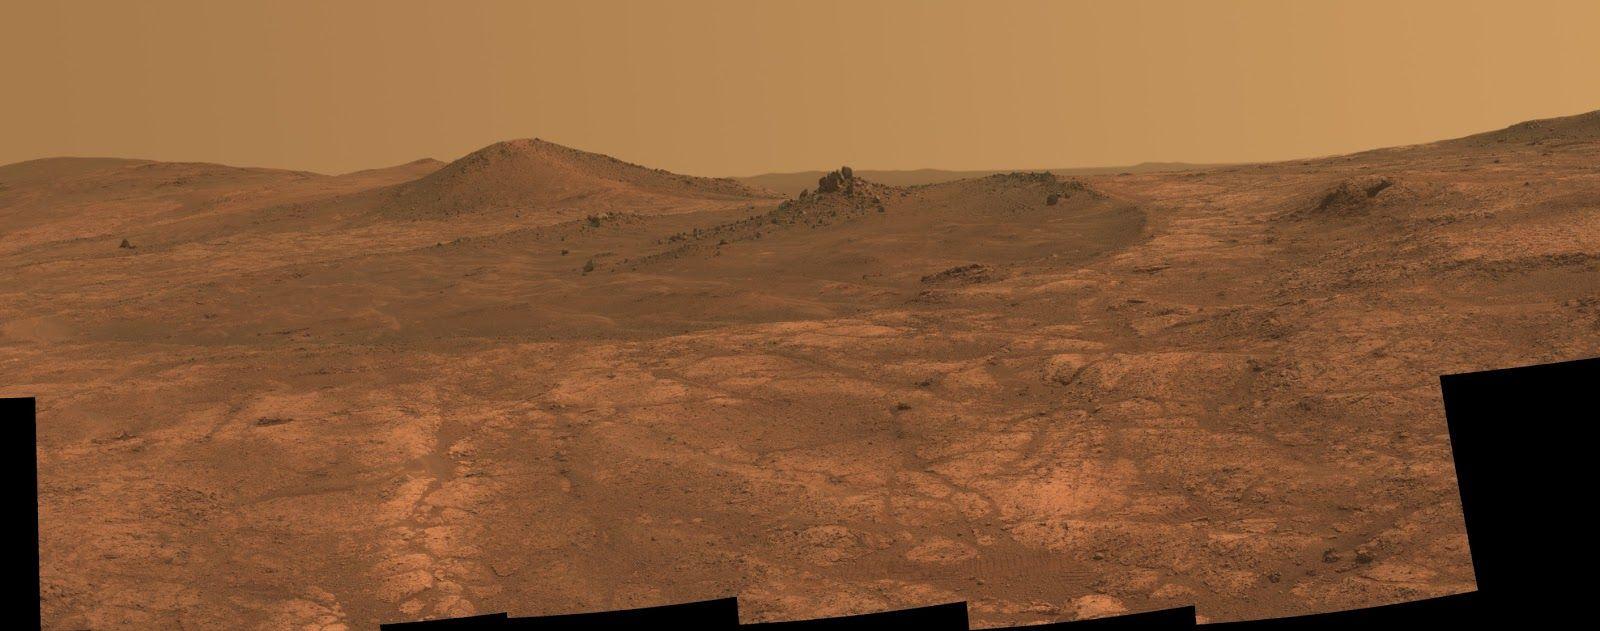 Otra imagen de Marte, donde se muestra un cielo rojizo